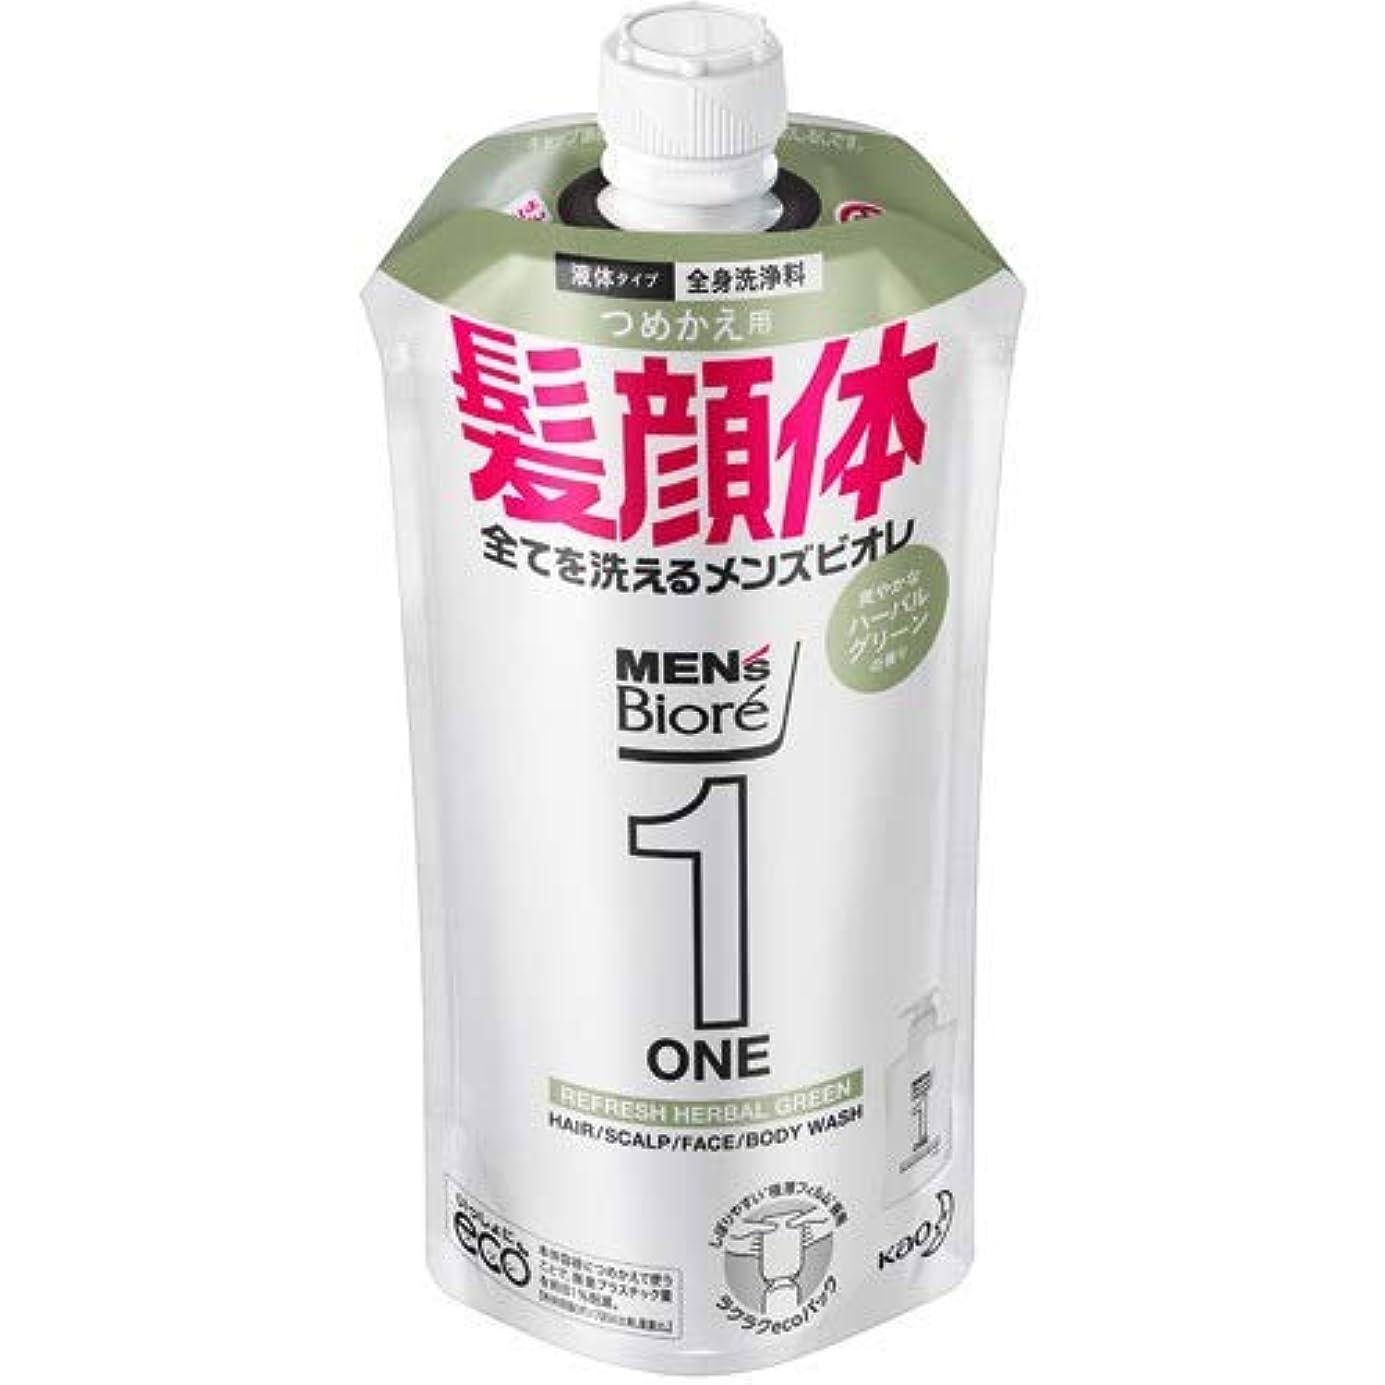 八敵対的根絶する【10個セット】メンズビオレONE オールインワン全身洗浄料 爽やかなハーブルグリーンの香り つめかえ用 340mL